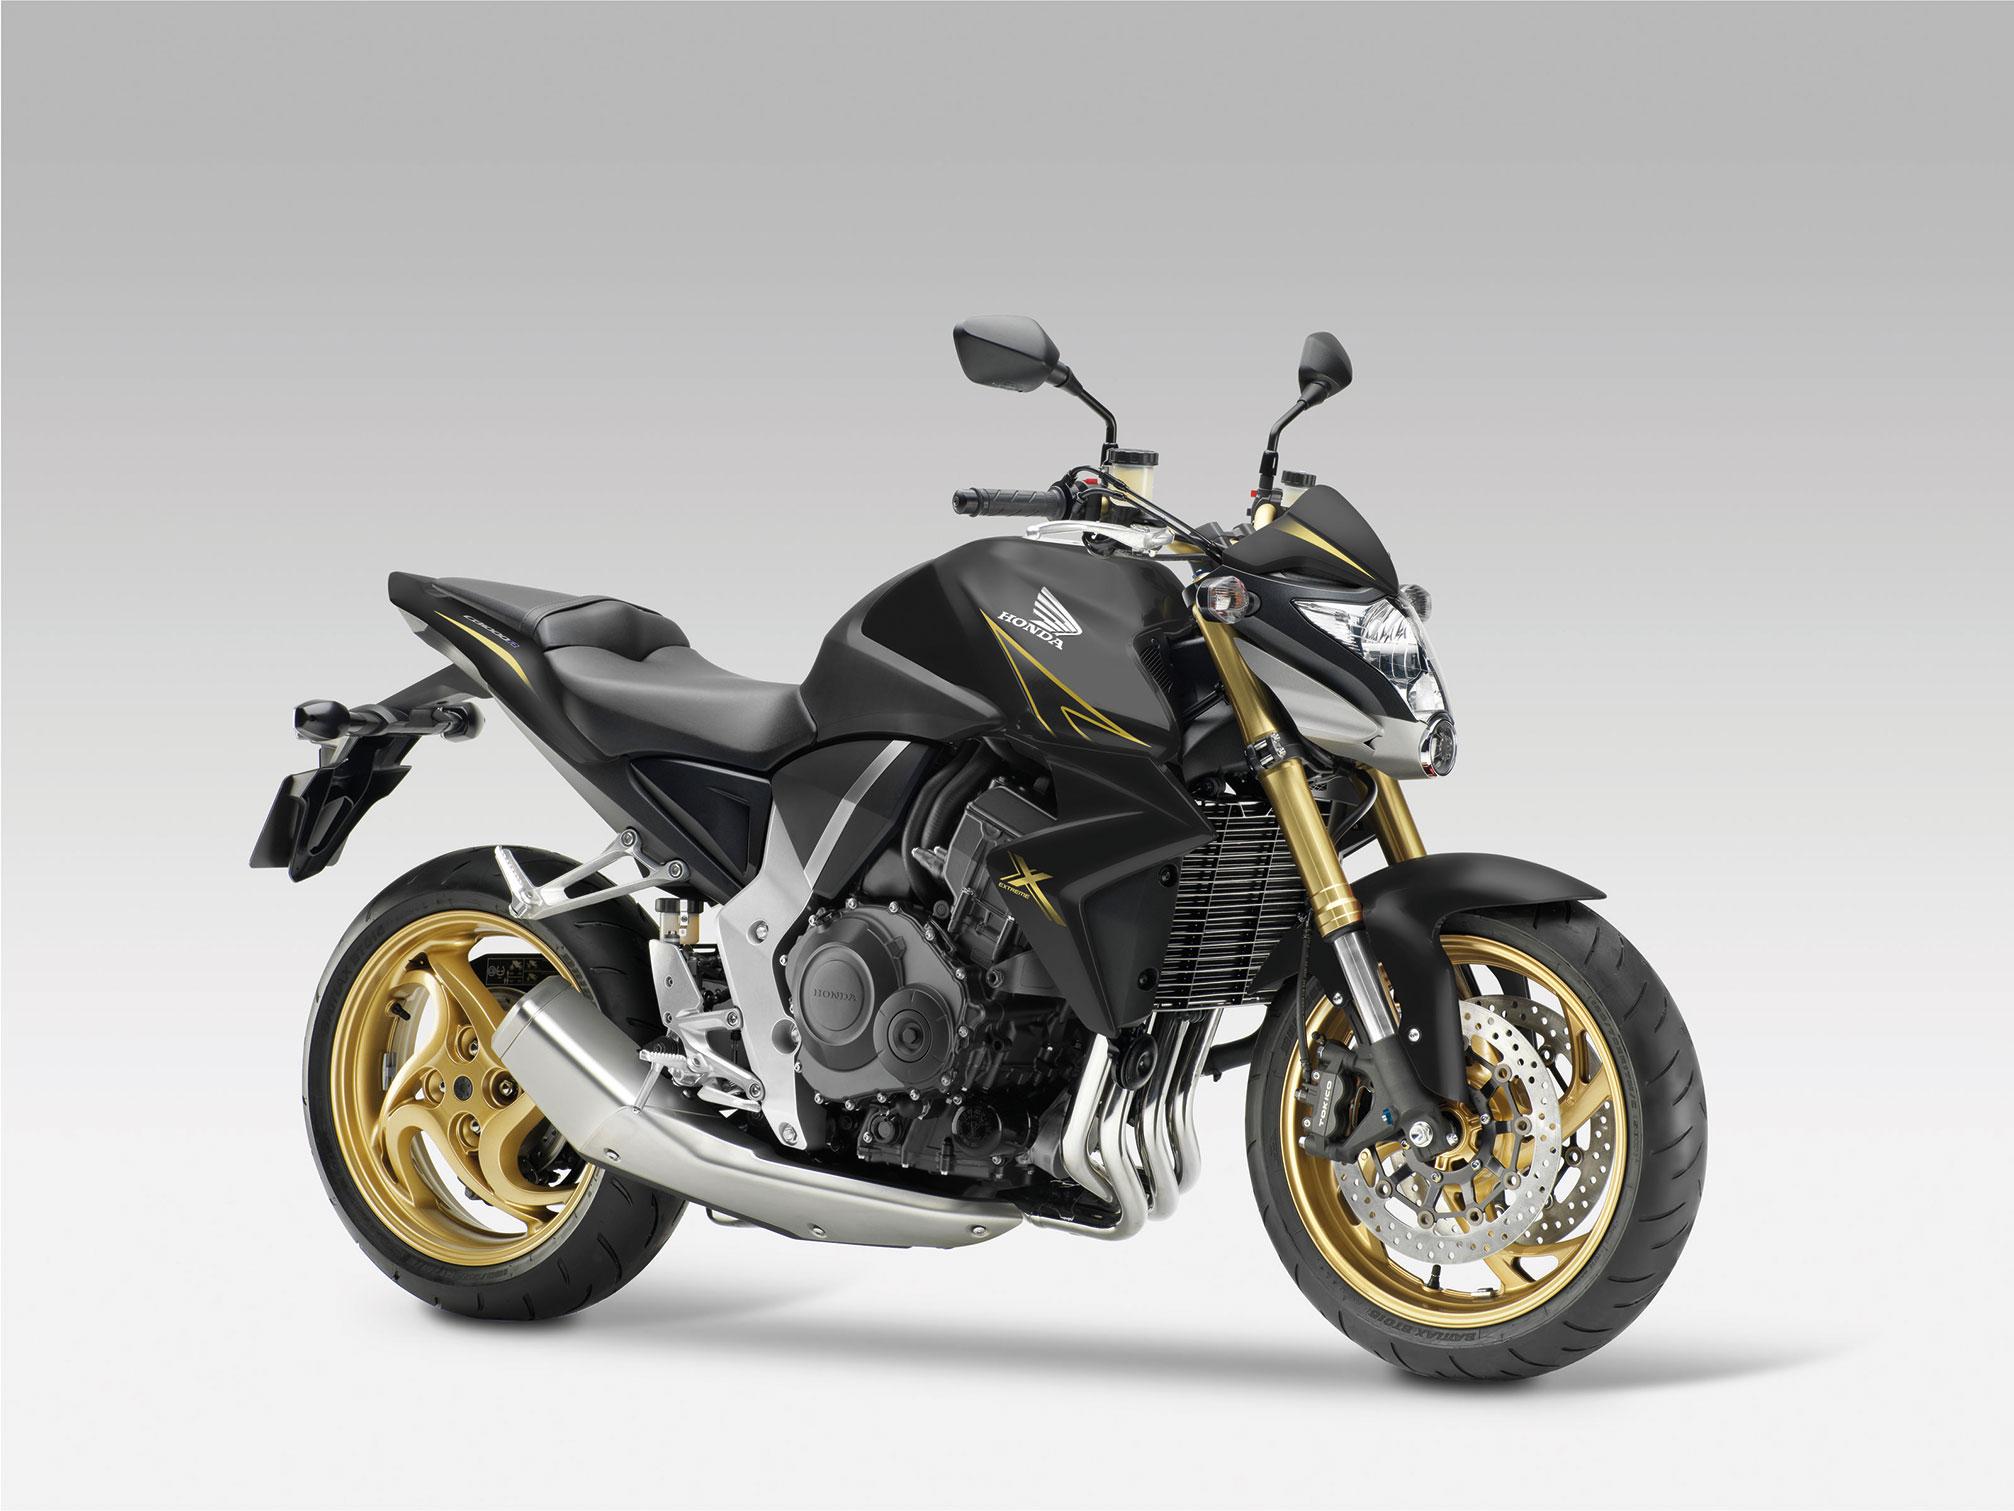 2013 Honda CB1000R Review